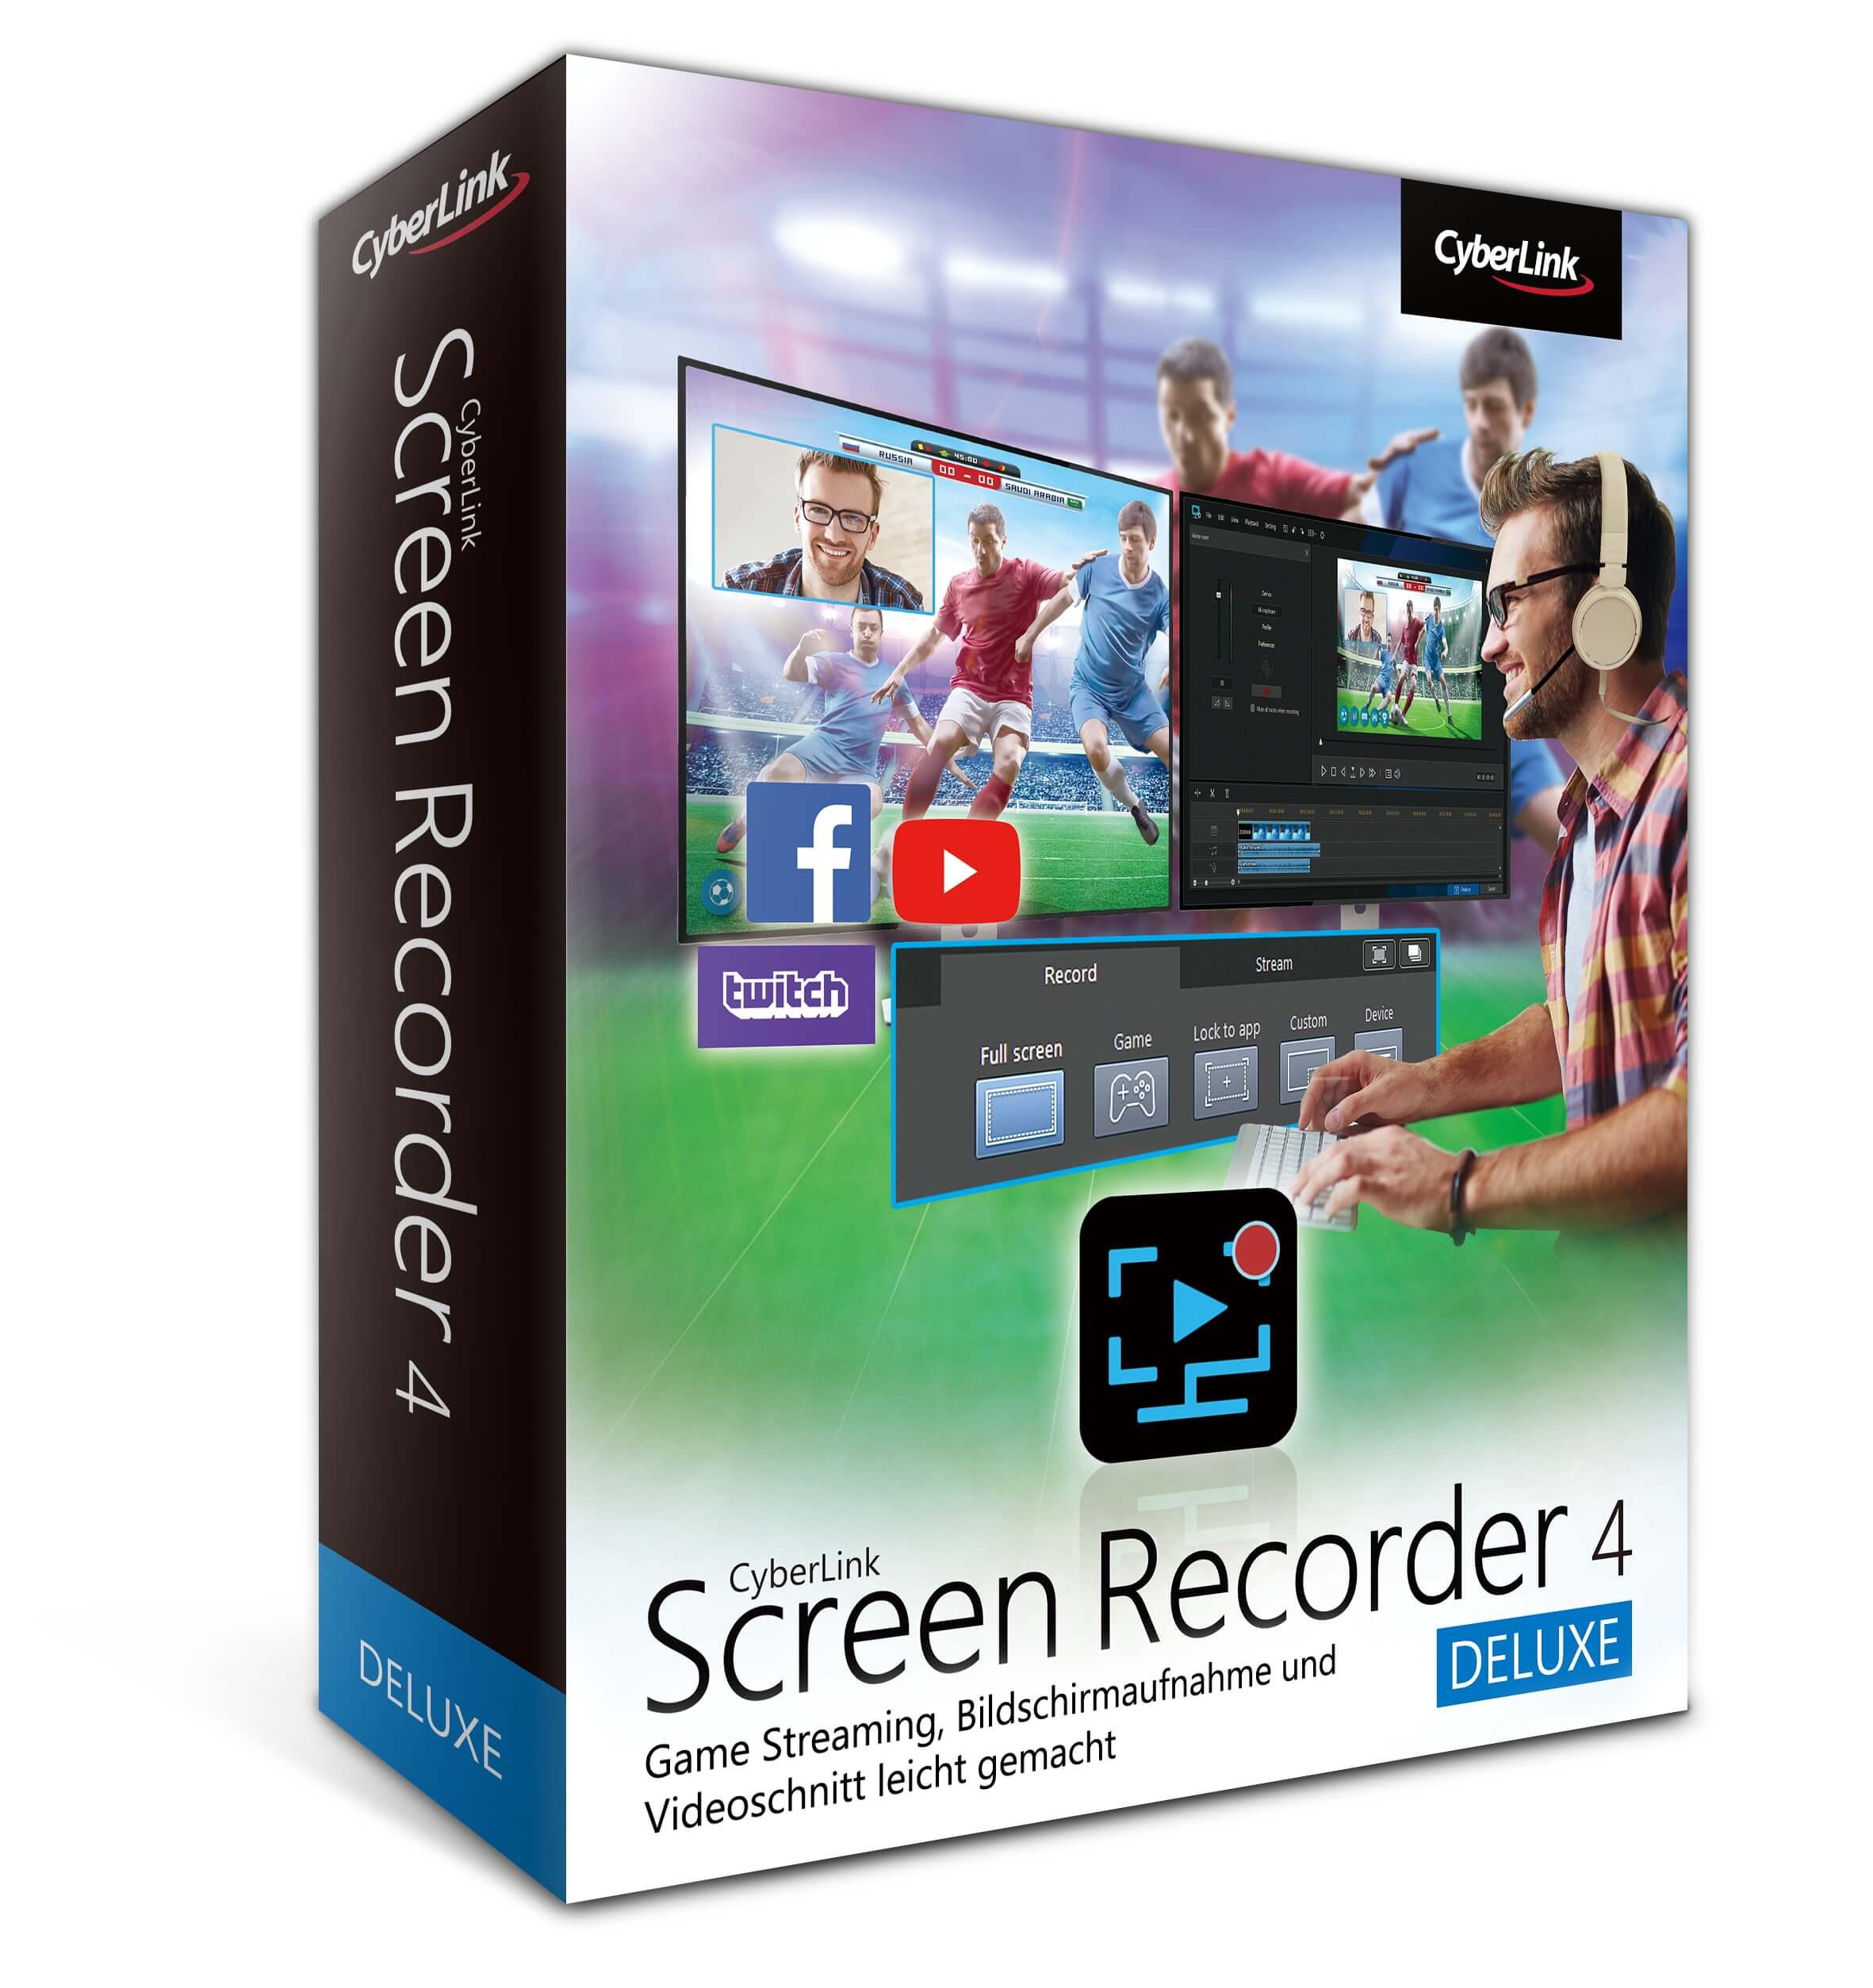 Cyberlink Screen Recorder 4 Crack